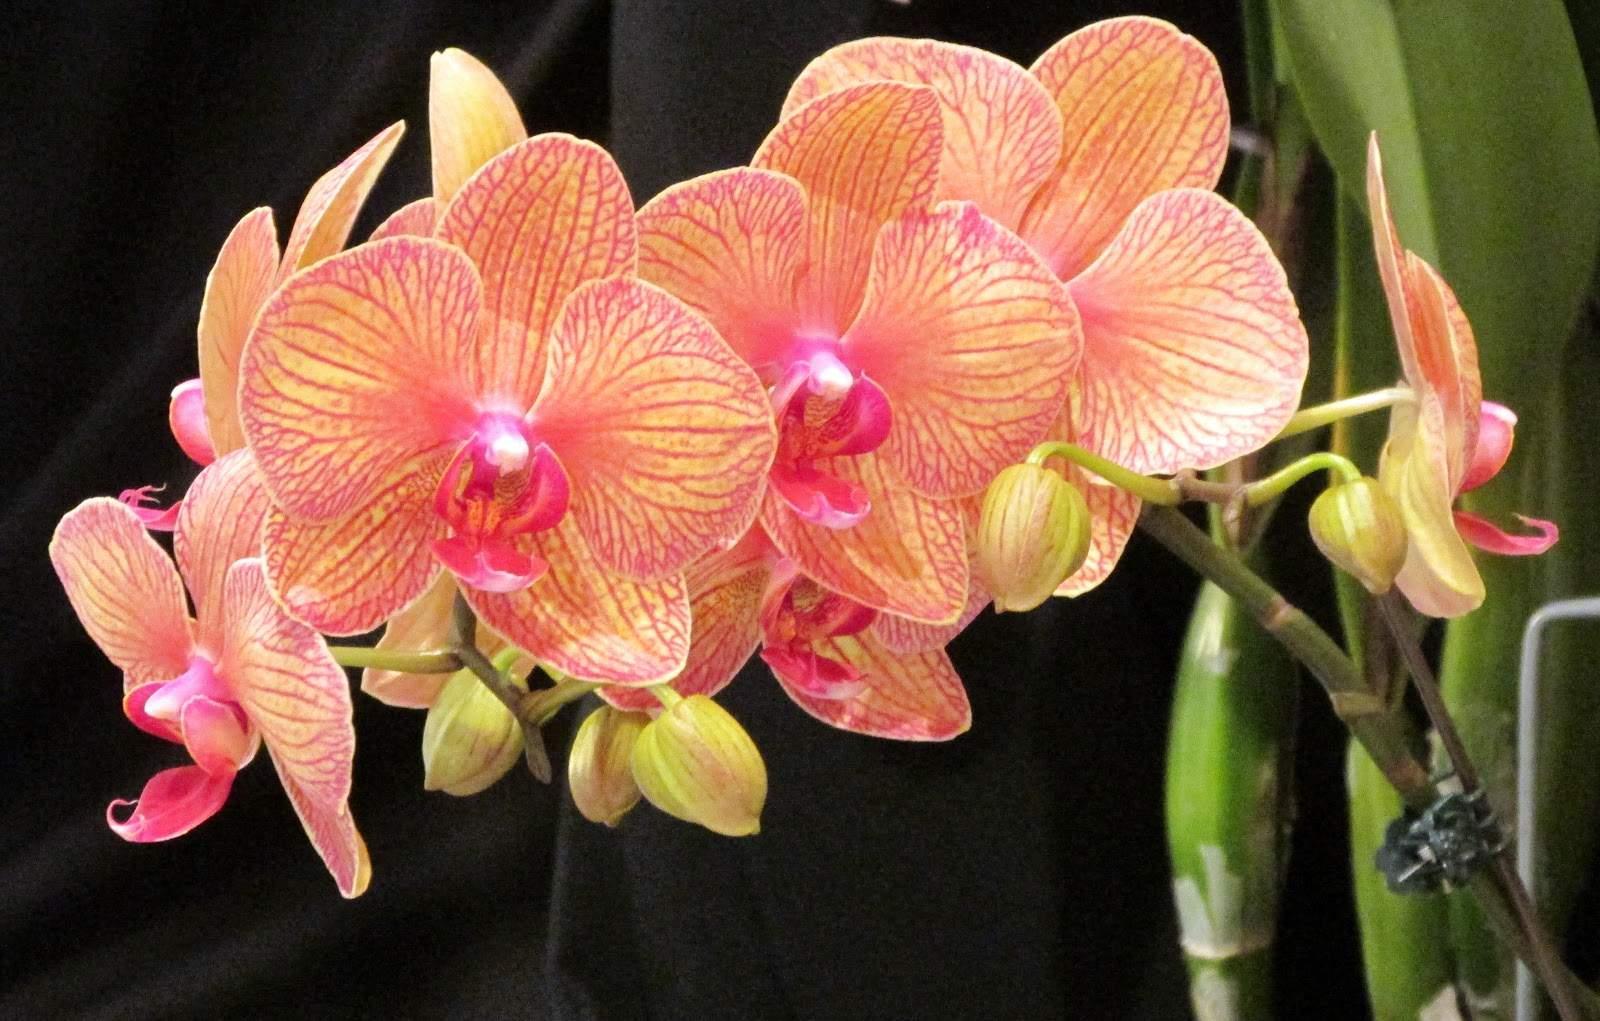 Как заставить цвести орхидею фаленопсис в домашних условиях{q} Что делать, чтобы она зацвела повторно{q} По каким причинам она не цветет{q}